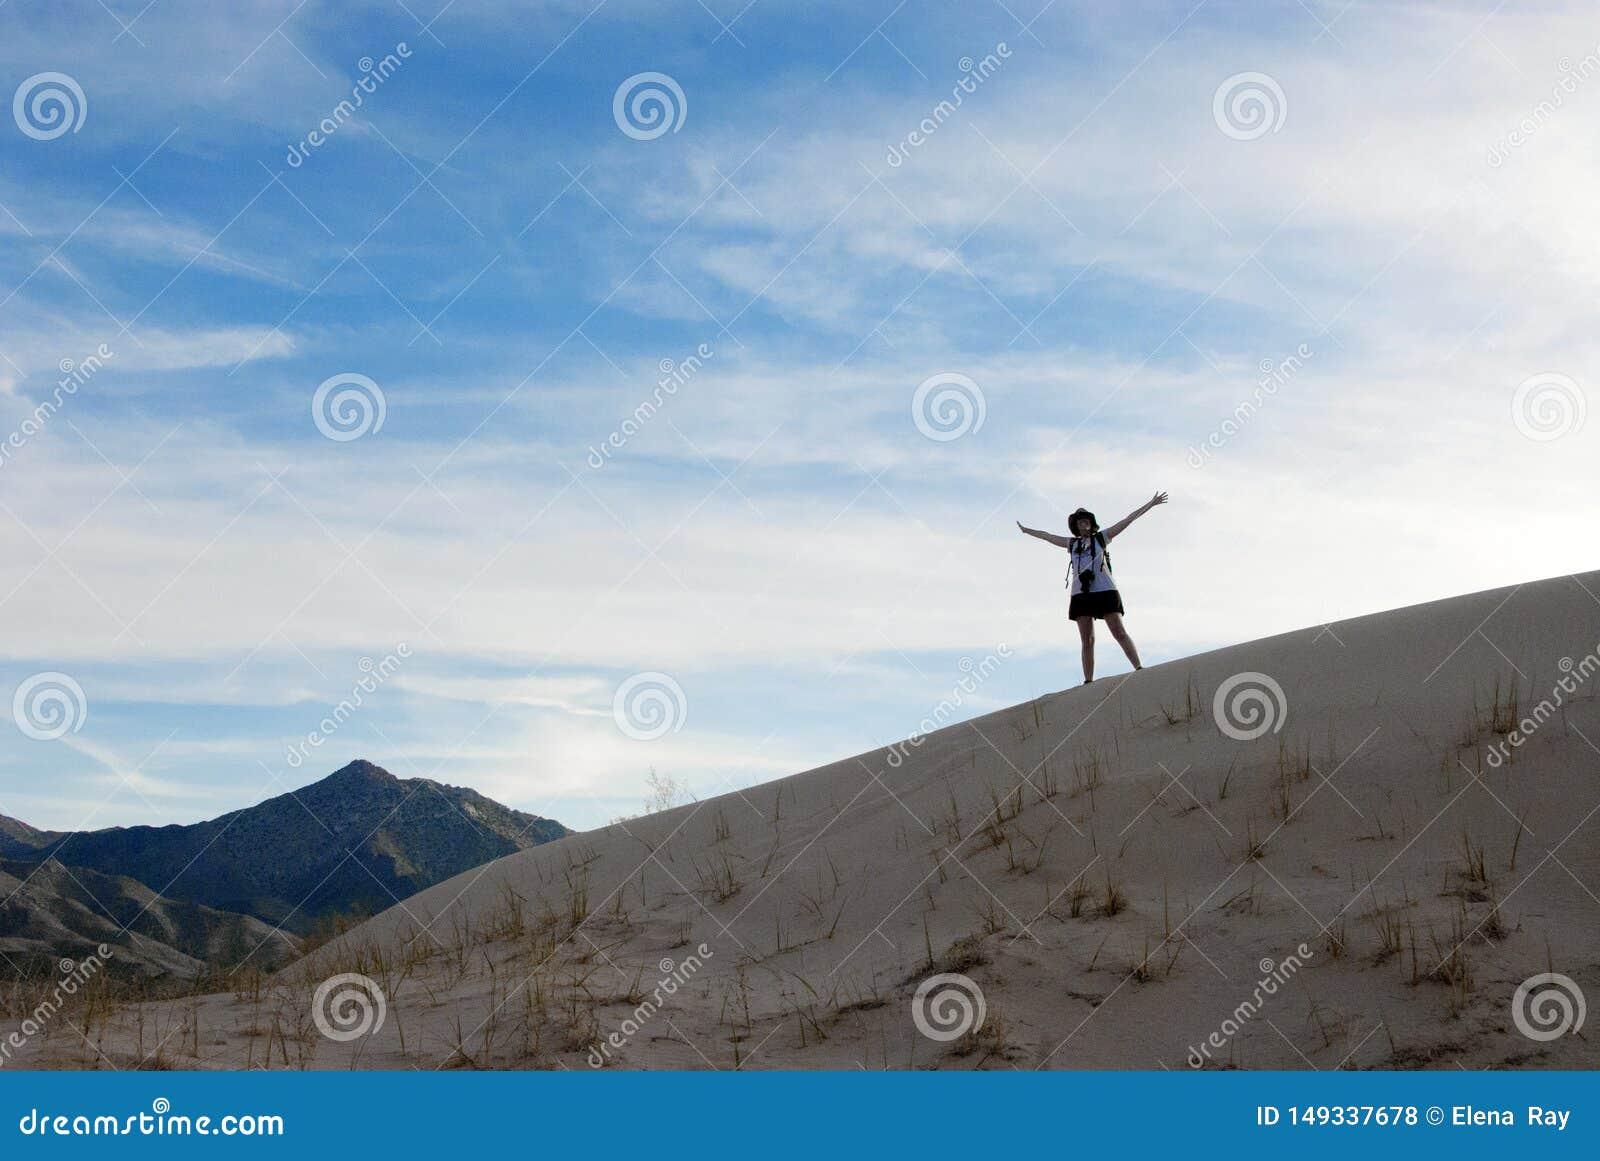 Desert Landscape Sand Dunes Happy Woman